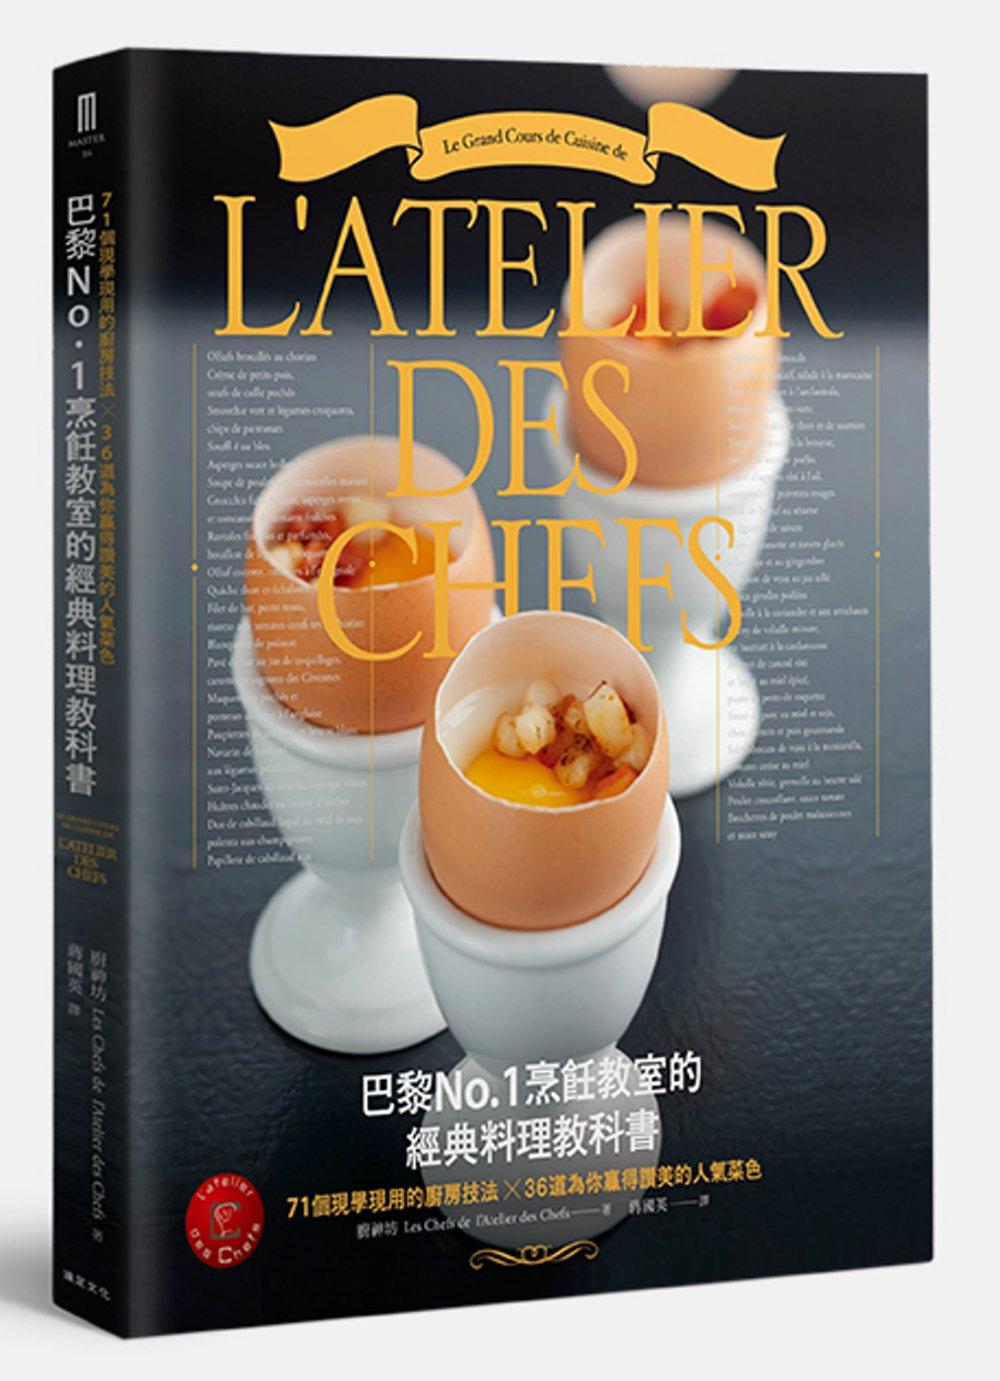 巴黎No.1烹飪教室的 料理教科書:71個現學現用的廚房技法╳36道為你贏得讚美的 菜色